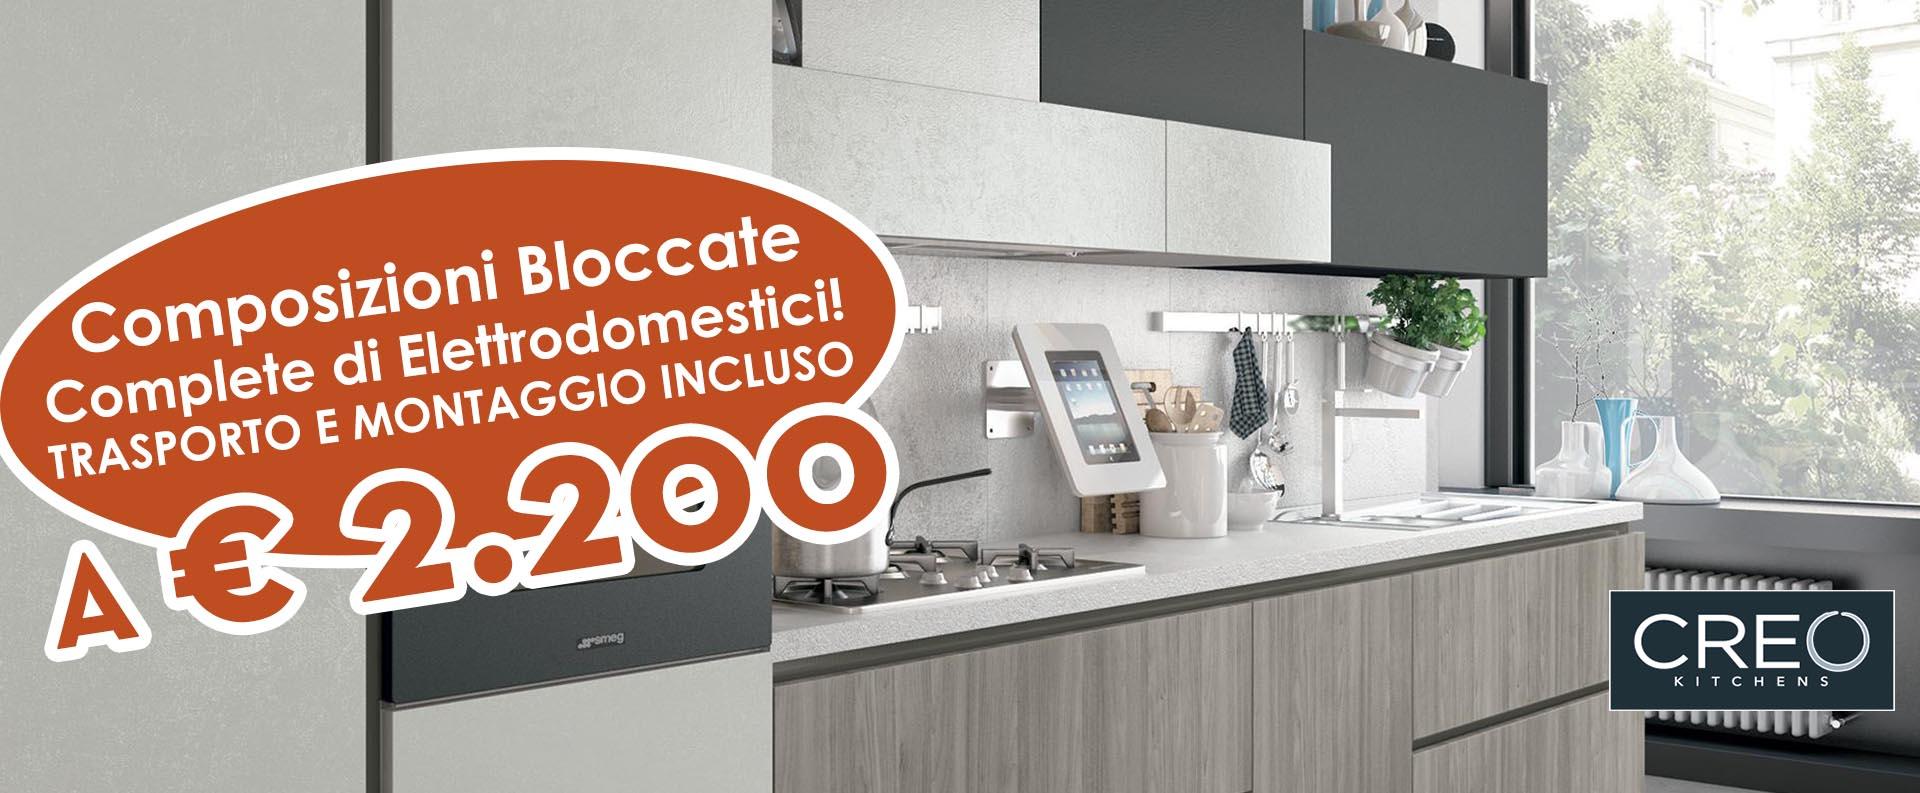 slider-sito_cucina